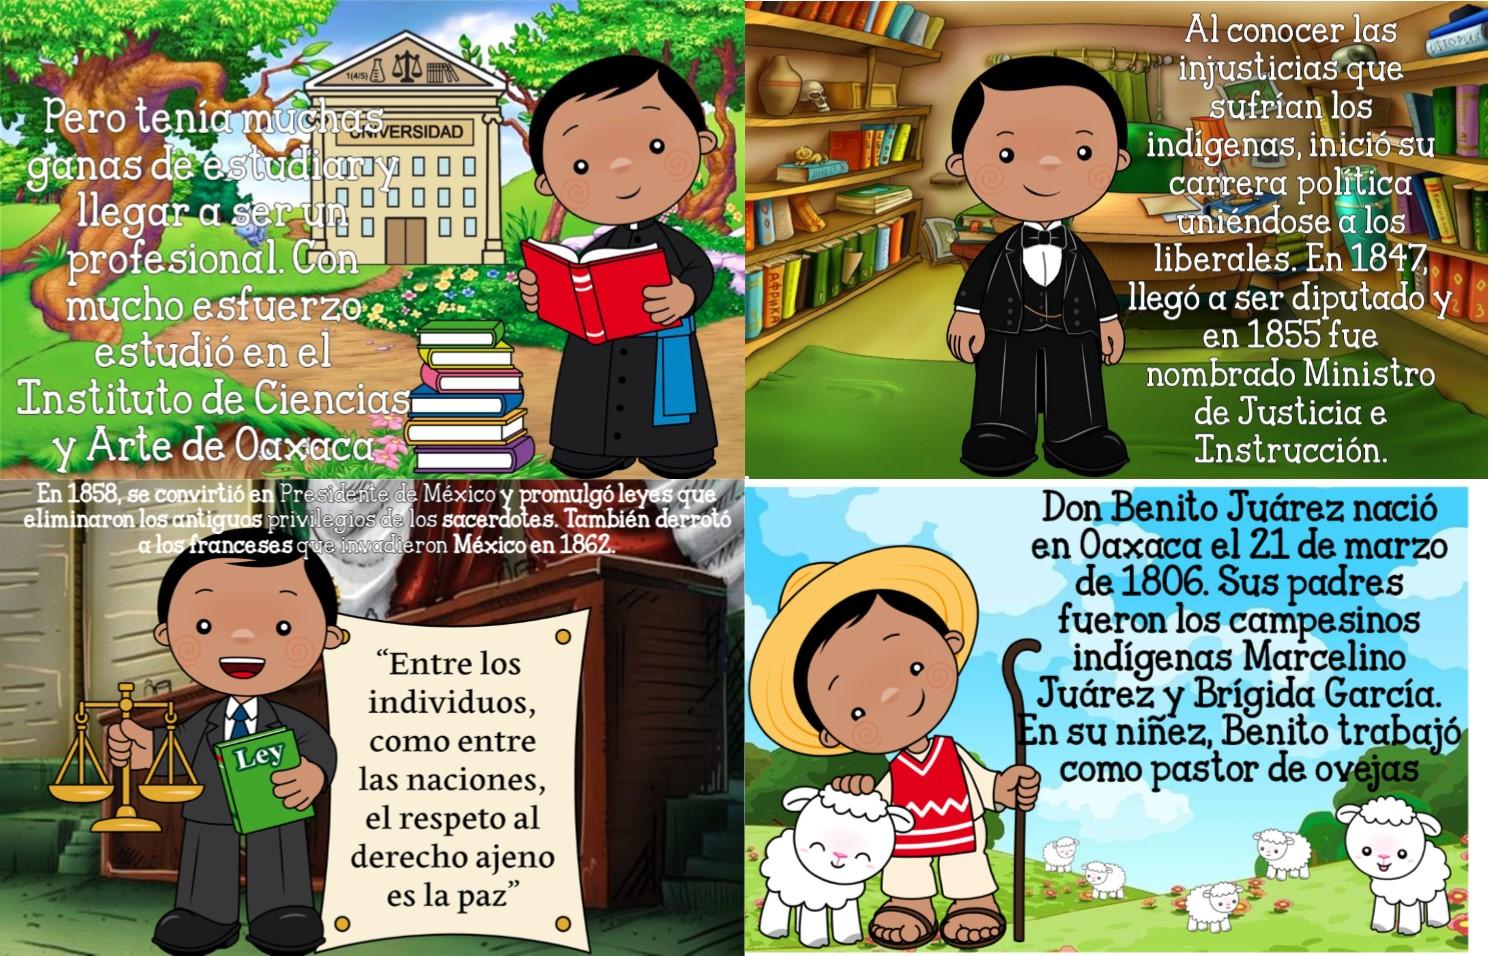 Excelente biografía o cuento de Don Benito Juárez ...